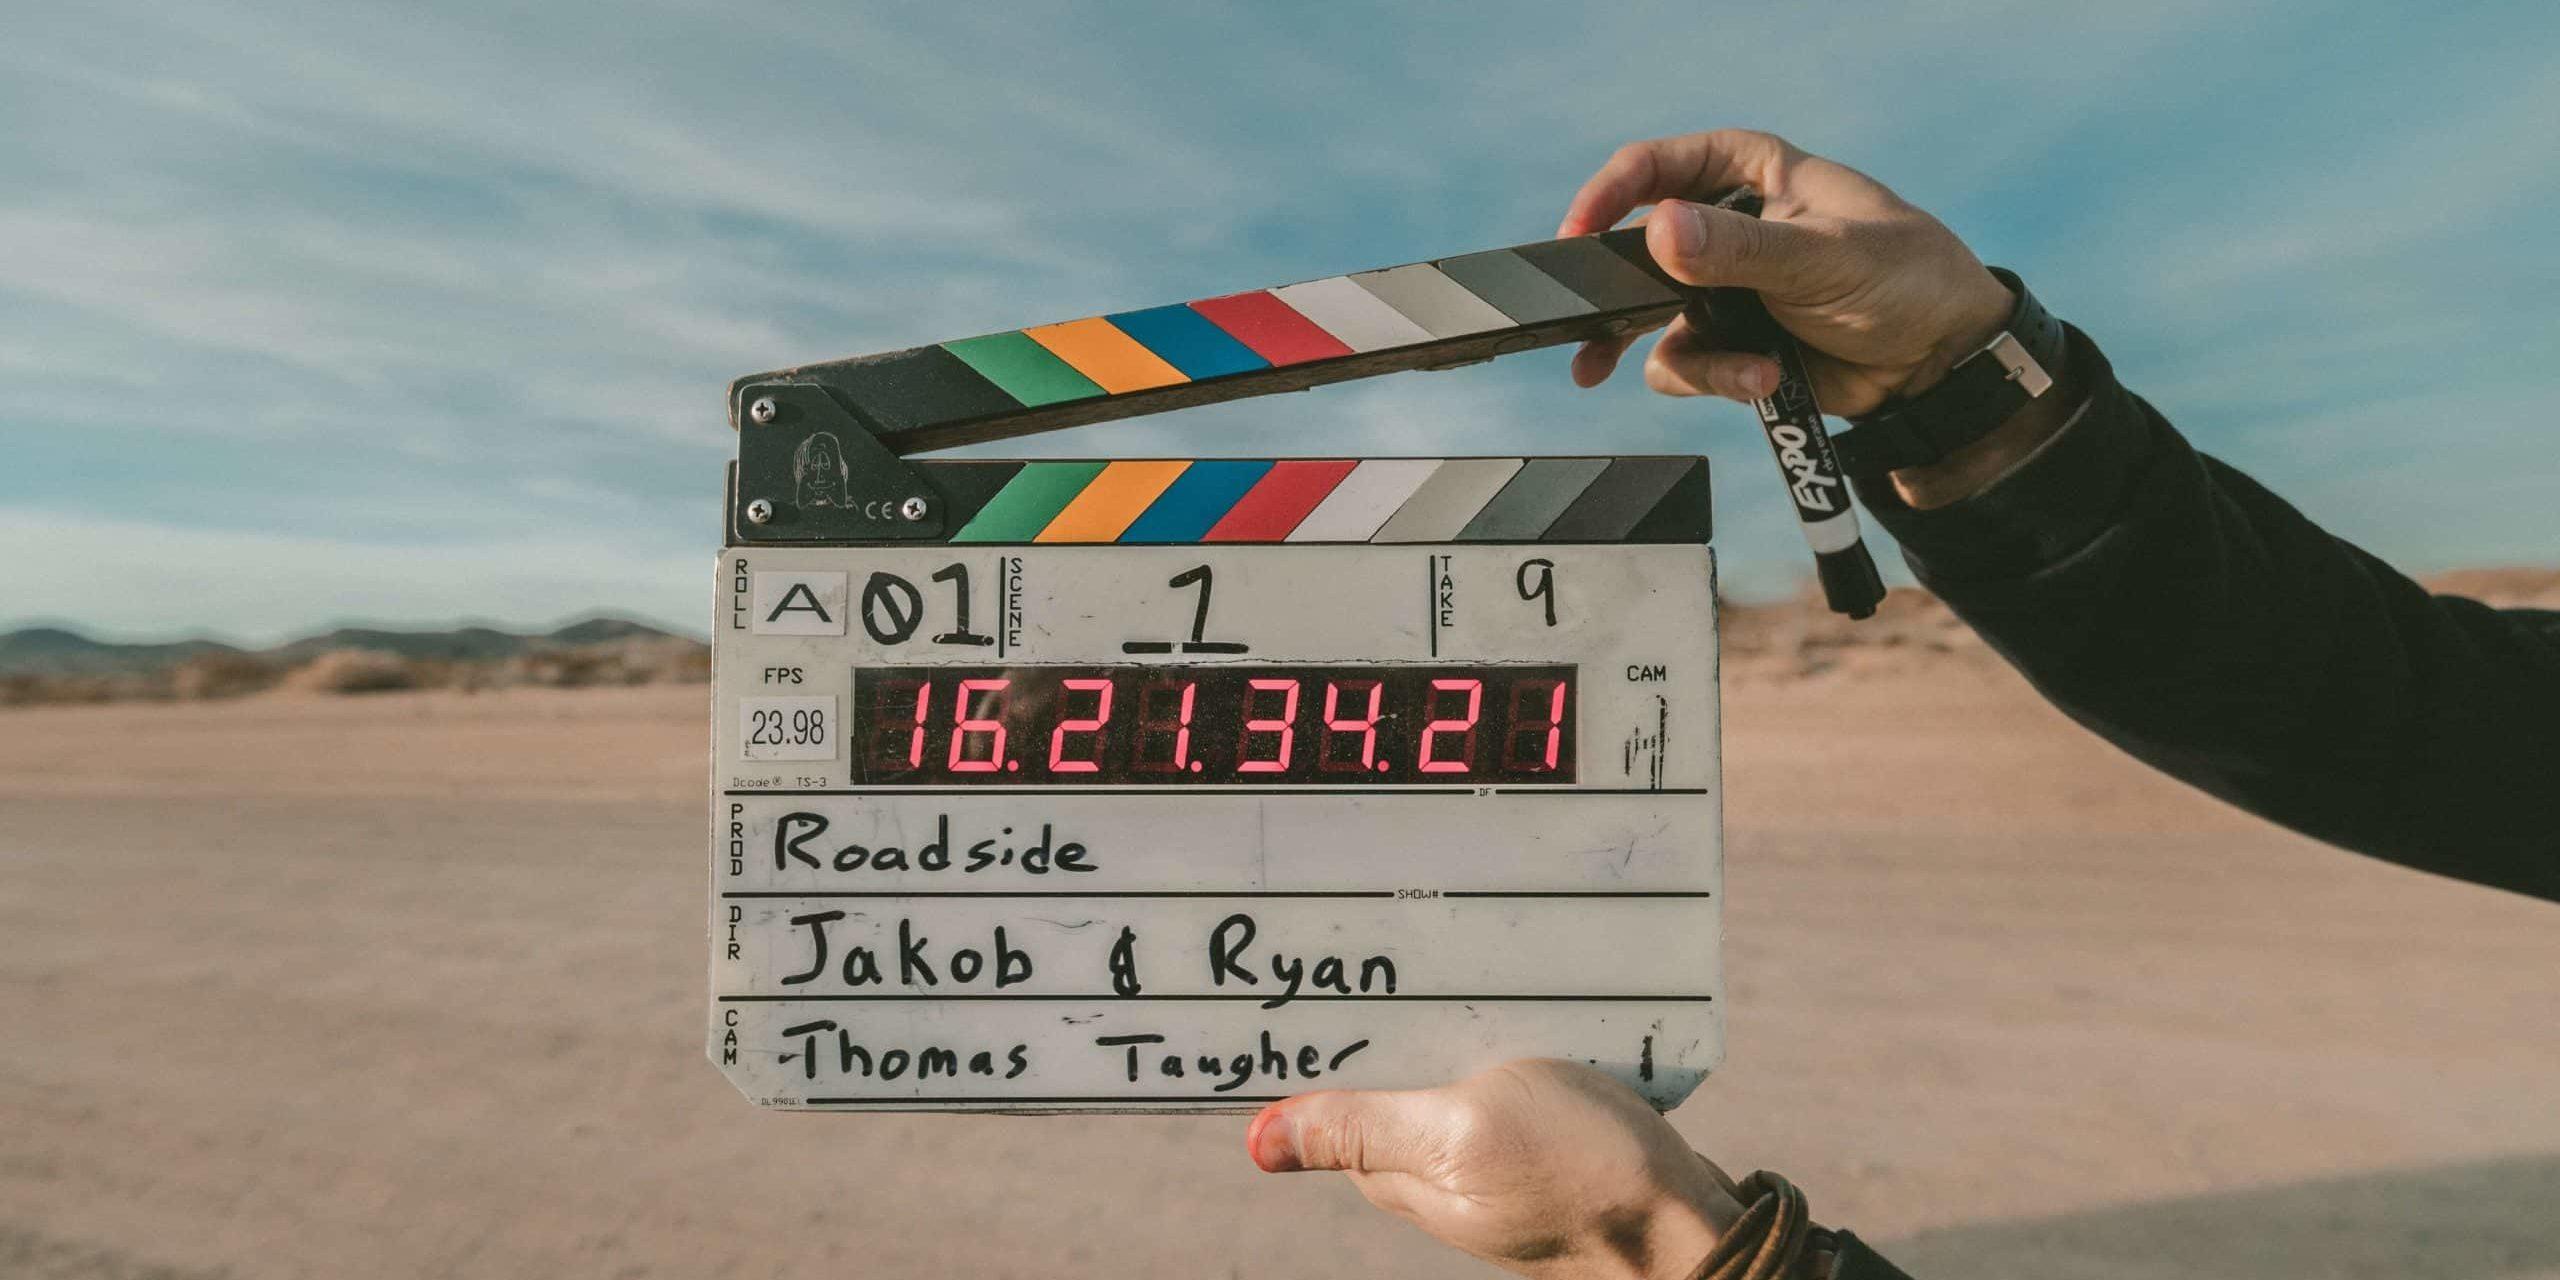 Production de contenus audiovisuels : une activité à internaliser ou à externaliser ?